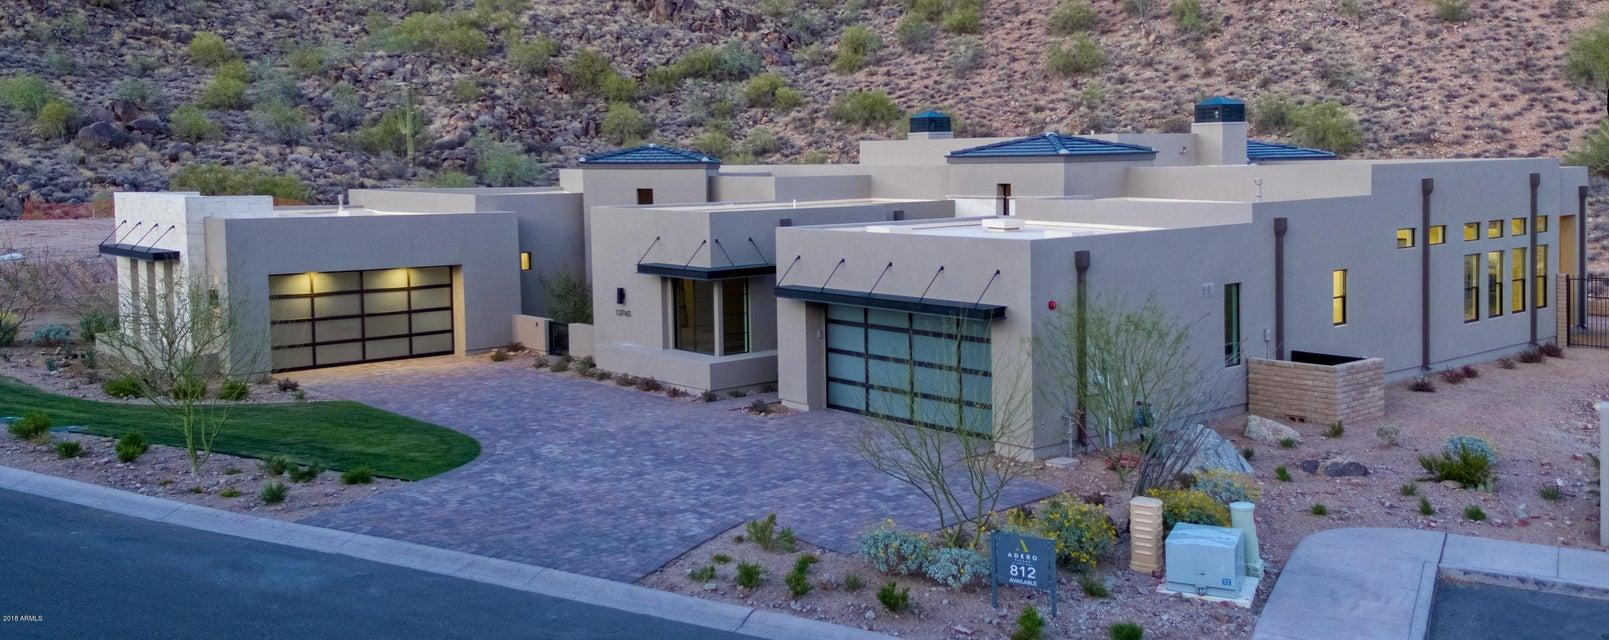 MLS 5784703 13743 N PROSPECT Trail, Fountain Hills, AZ 85268 Fountain Hills AZ Condo or Townhome